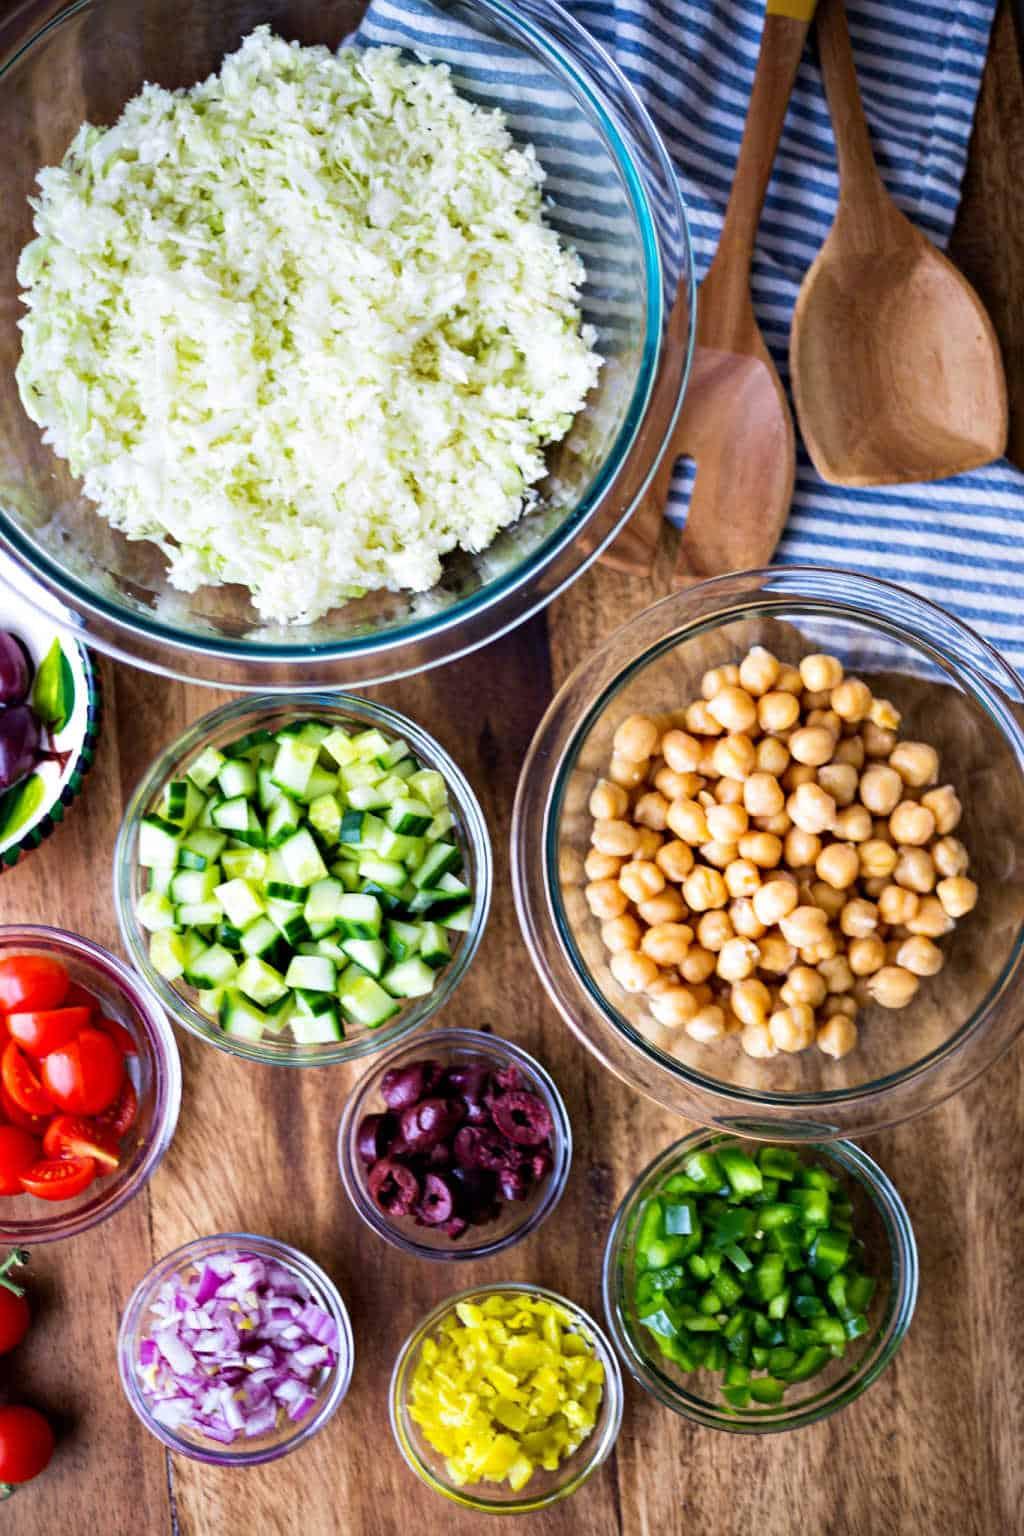 healthy greek coleslaw ingredients